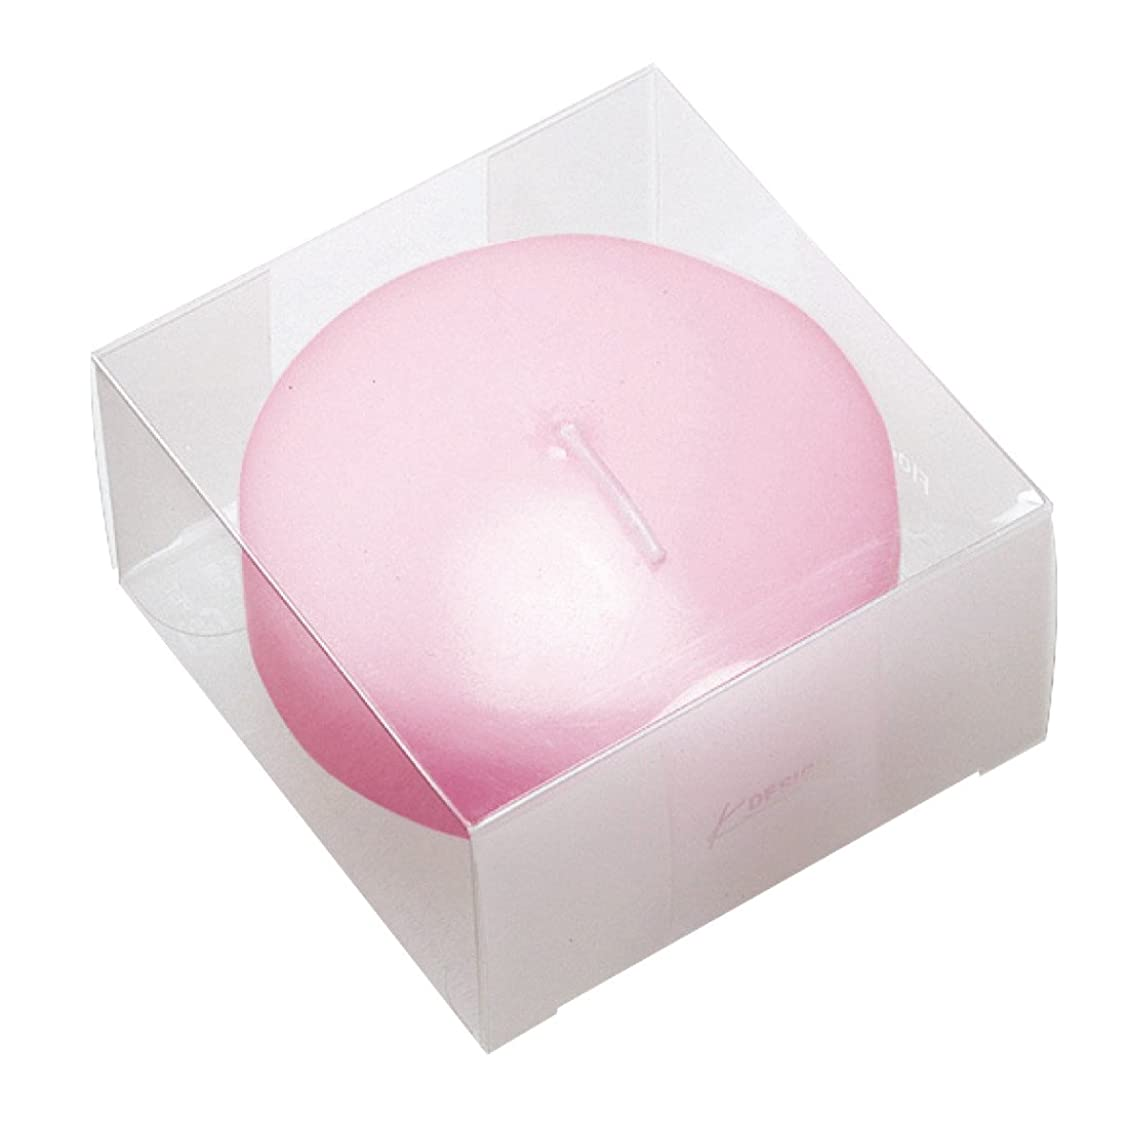 叱る前兆できるプール80(箱入り) 「 ピンク 」